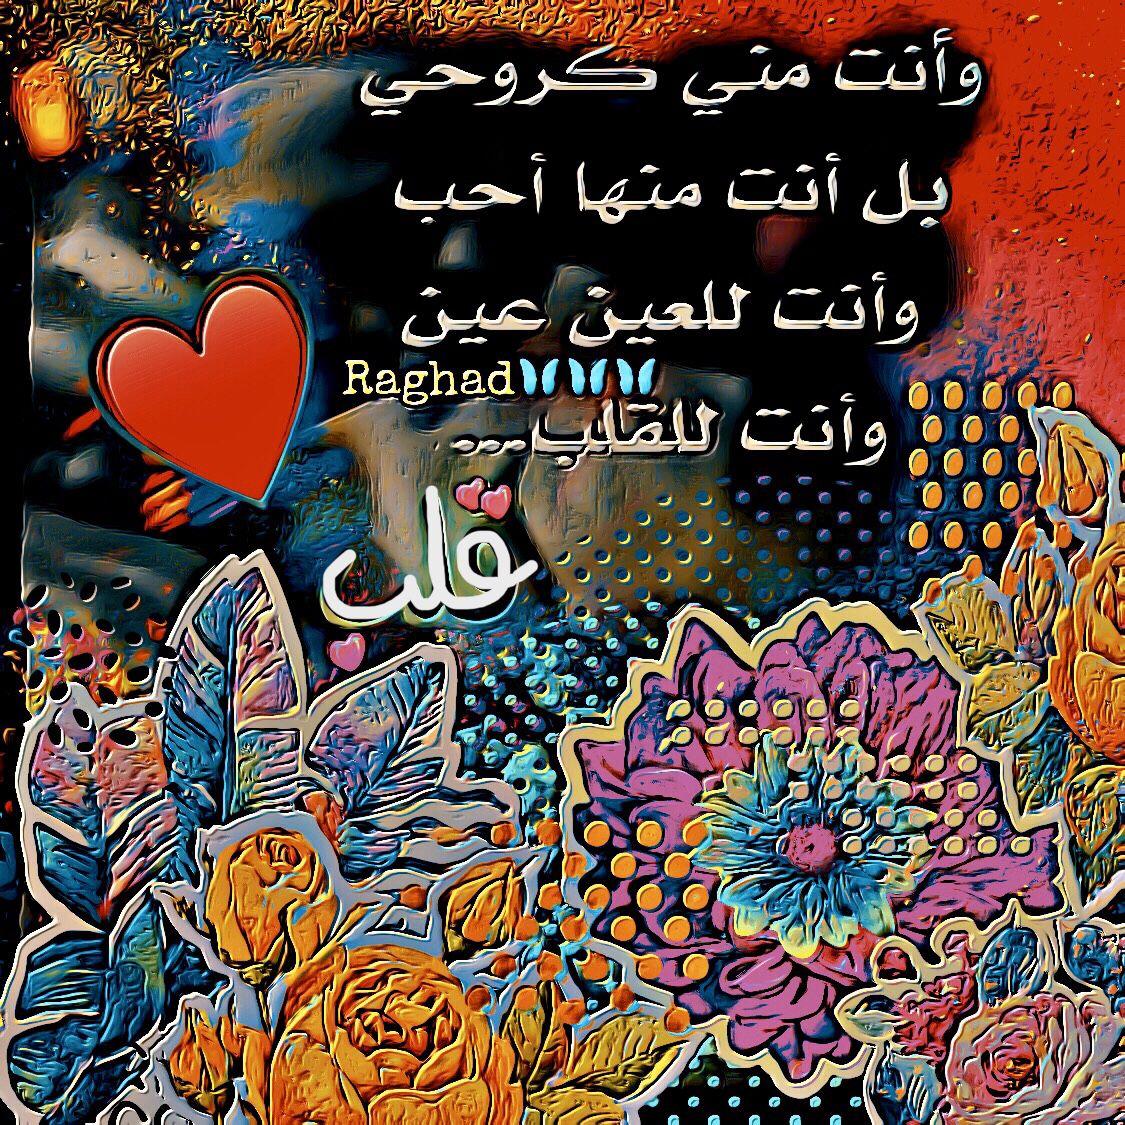 Desertrose أنت للعين عين وأنت للقلب قلب إنت روحي وعيني وقلبي Desert Rose Movie Posters Poster